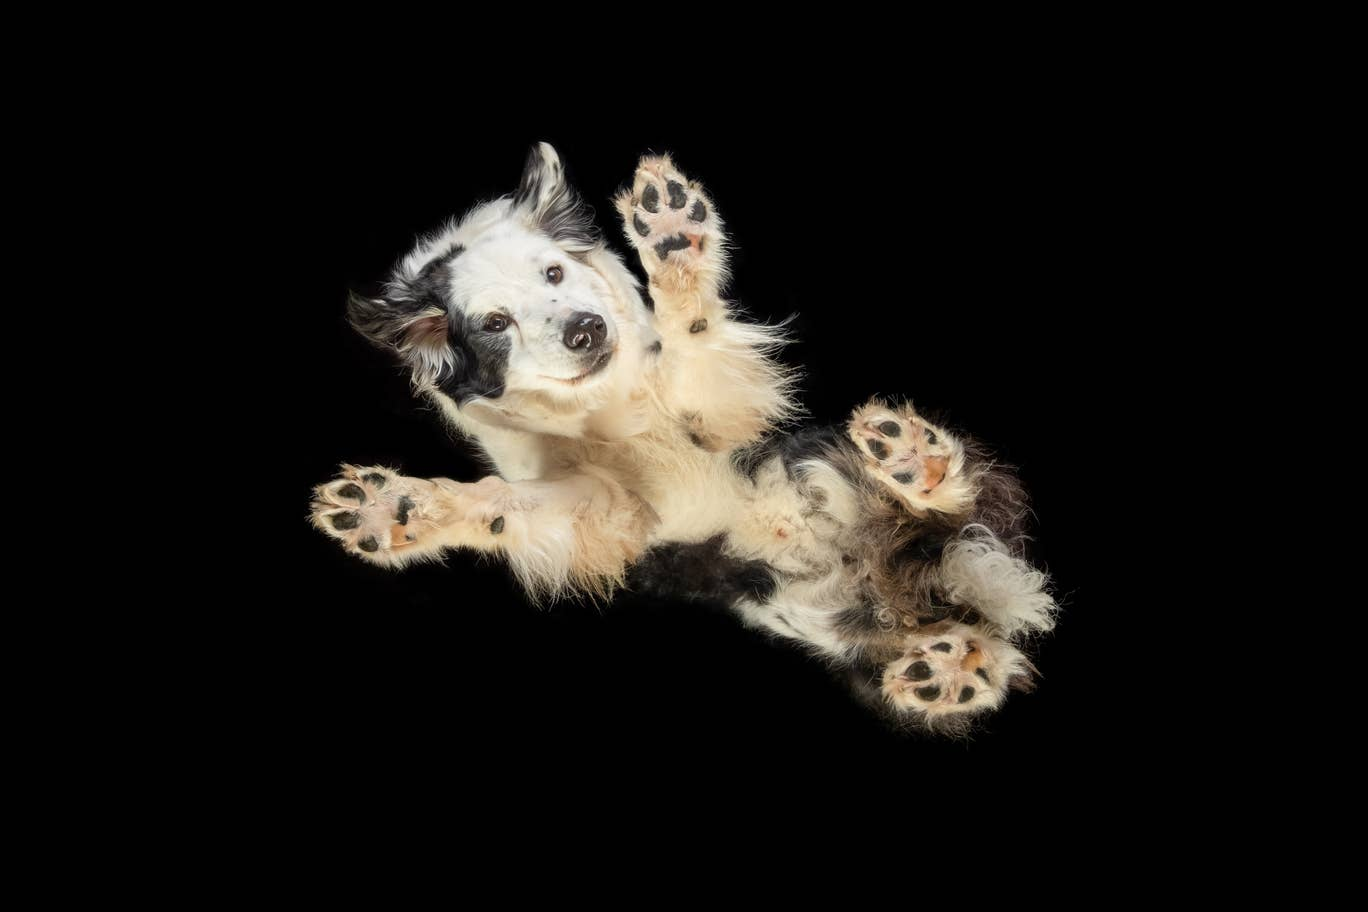 Fantasztikus kutyafotók egy egészen új perspektívából